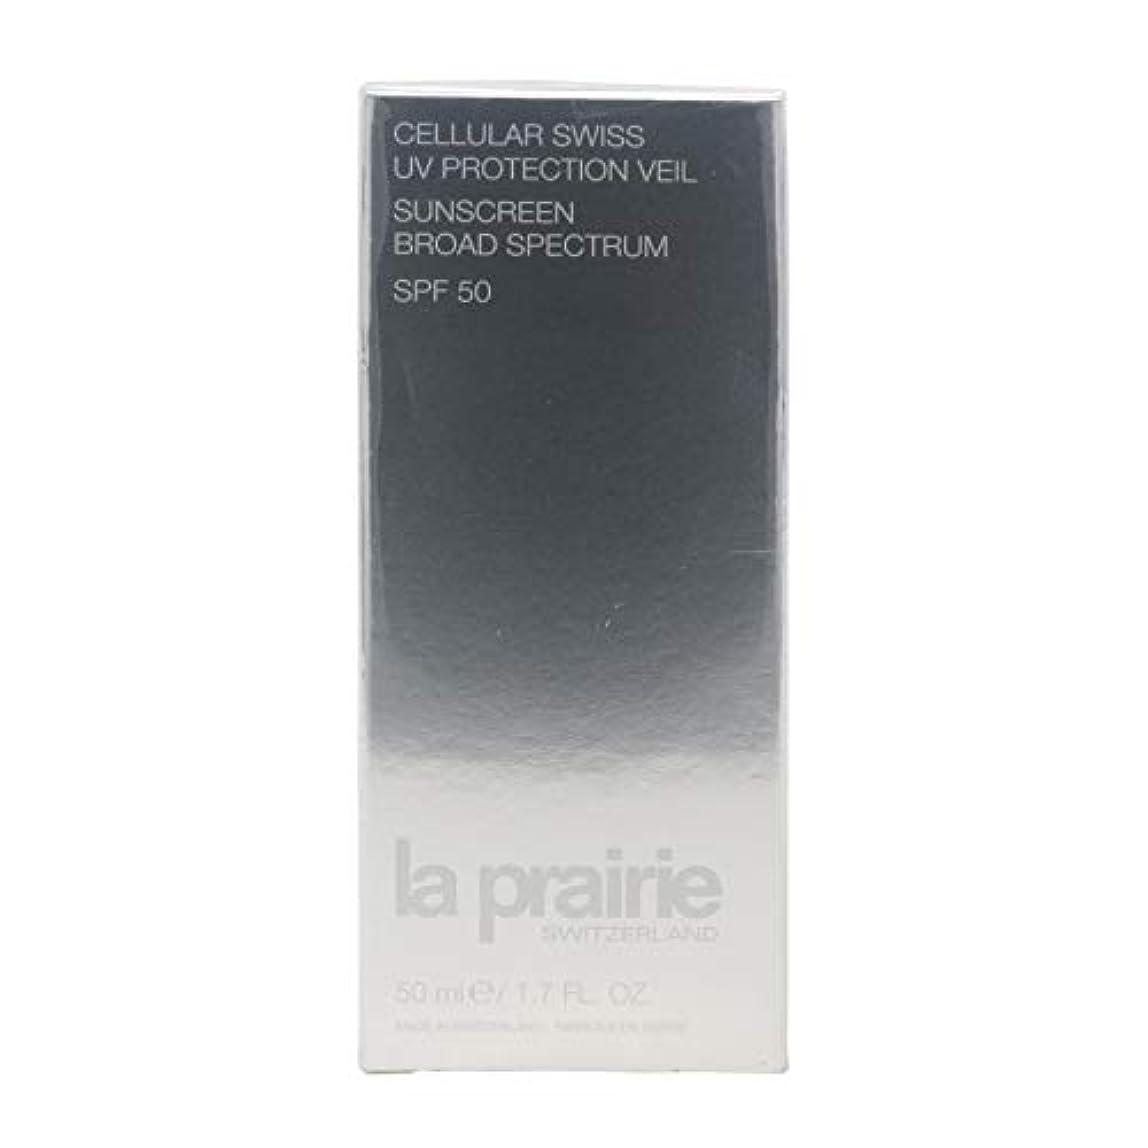 ギター配分知的ラプレリー Cellular Swiss UV Protection Veil SPF50 50ml/1.7oz並行輸入品